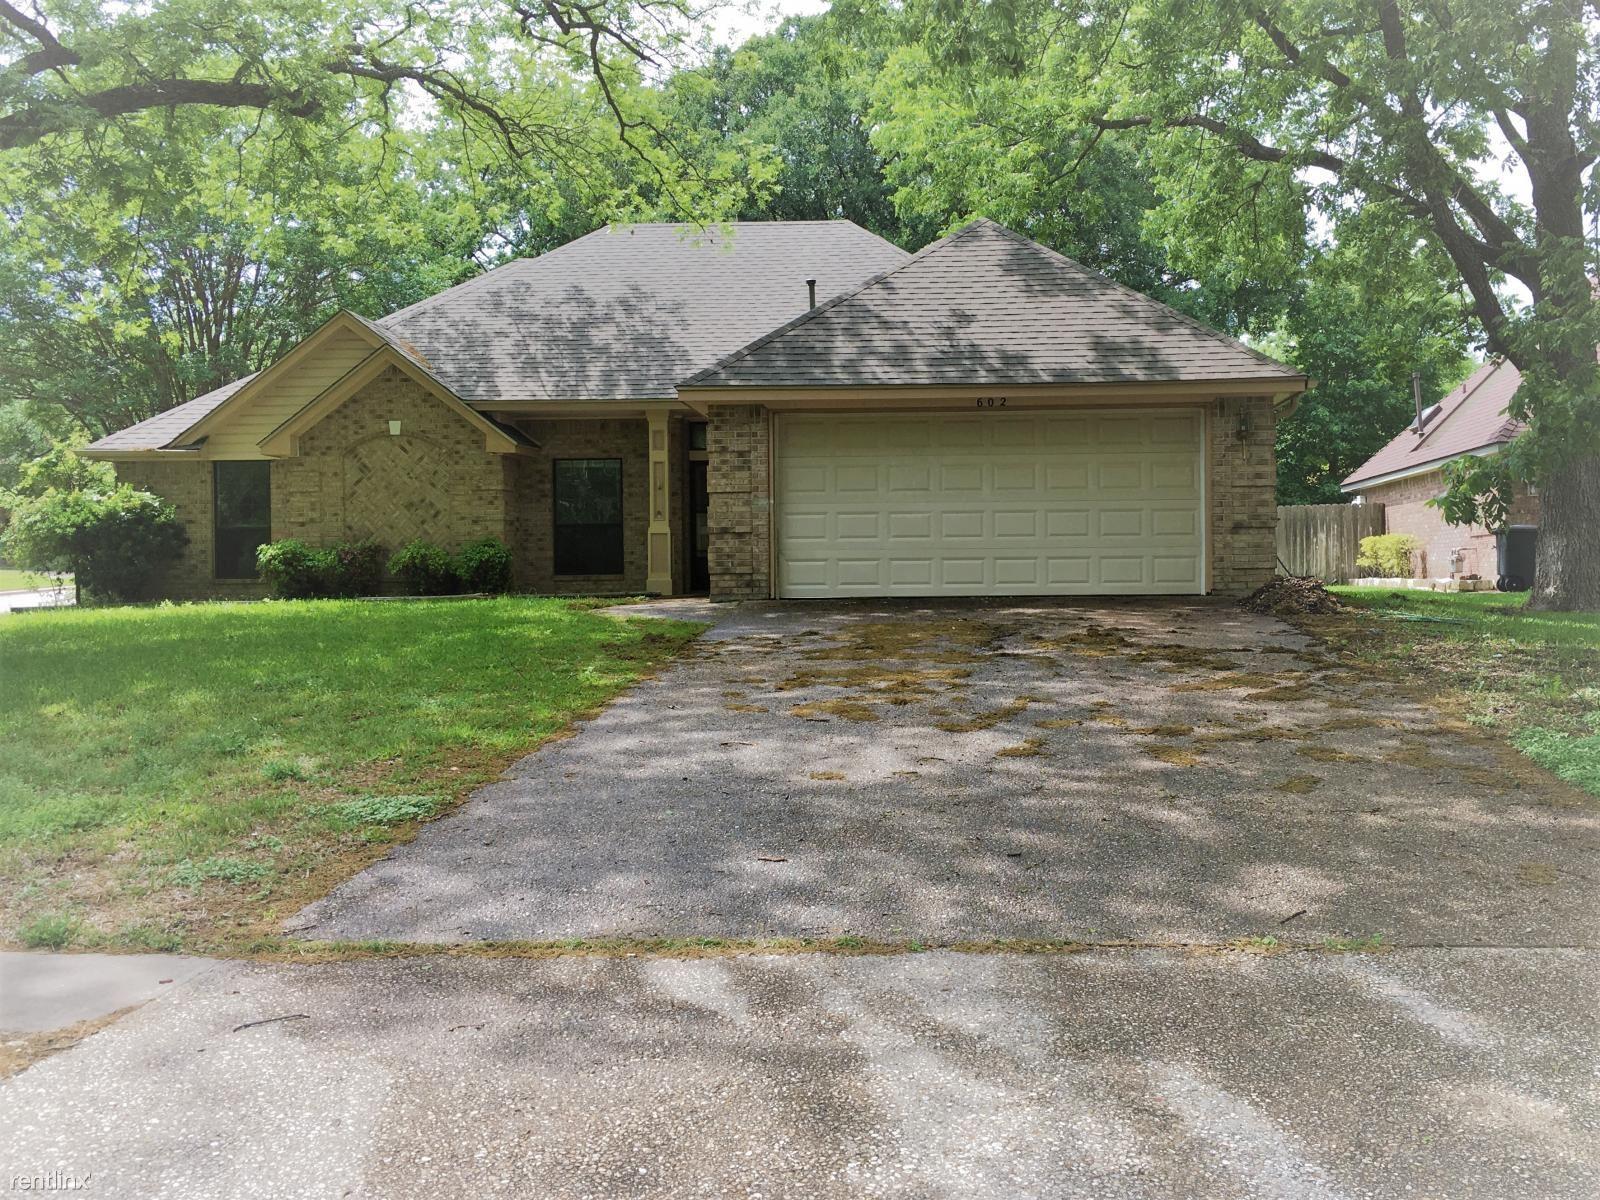 602 Diana Ln, Harker Heights, TX - $1,295